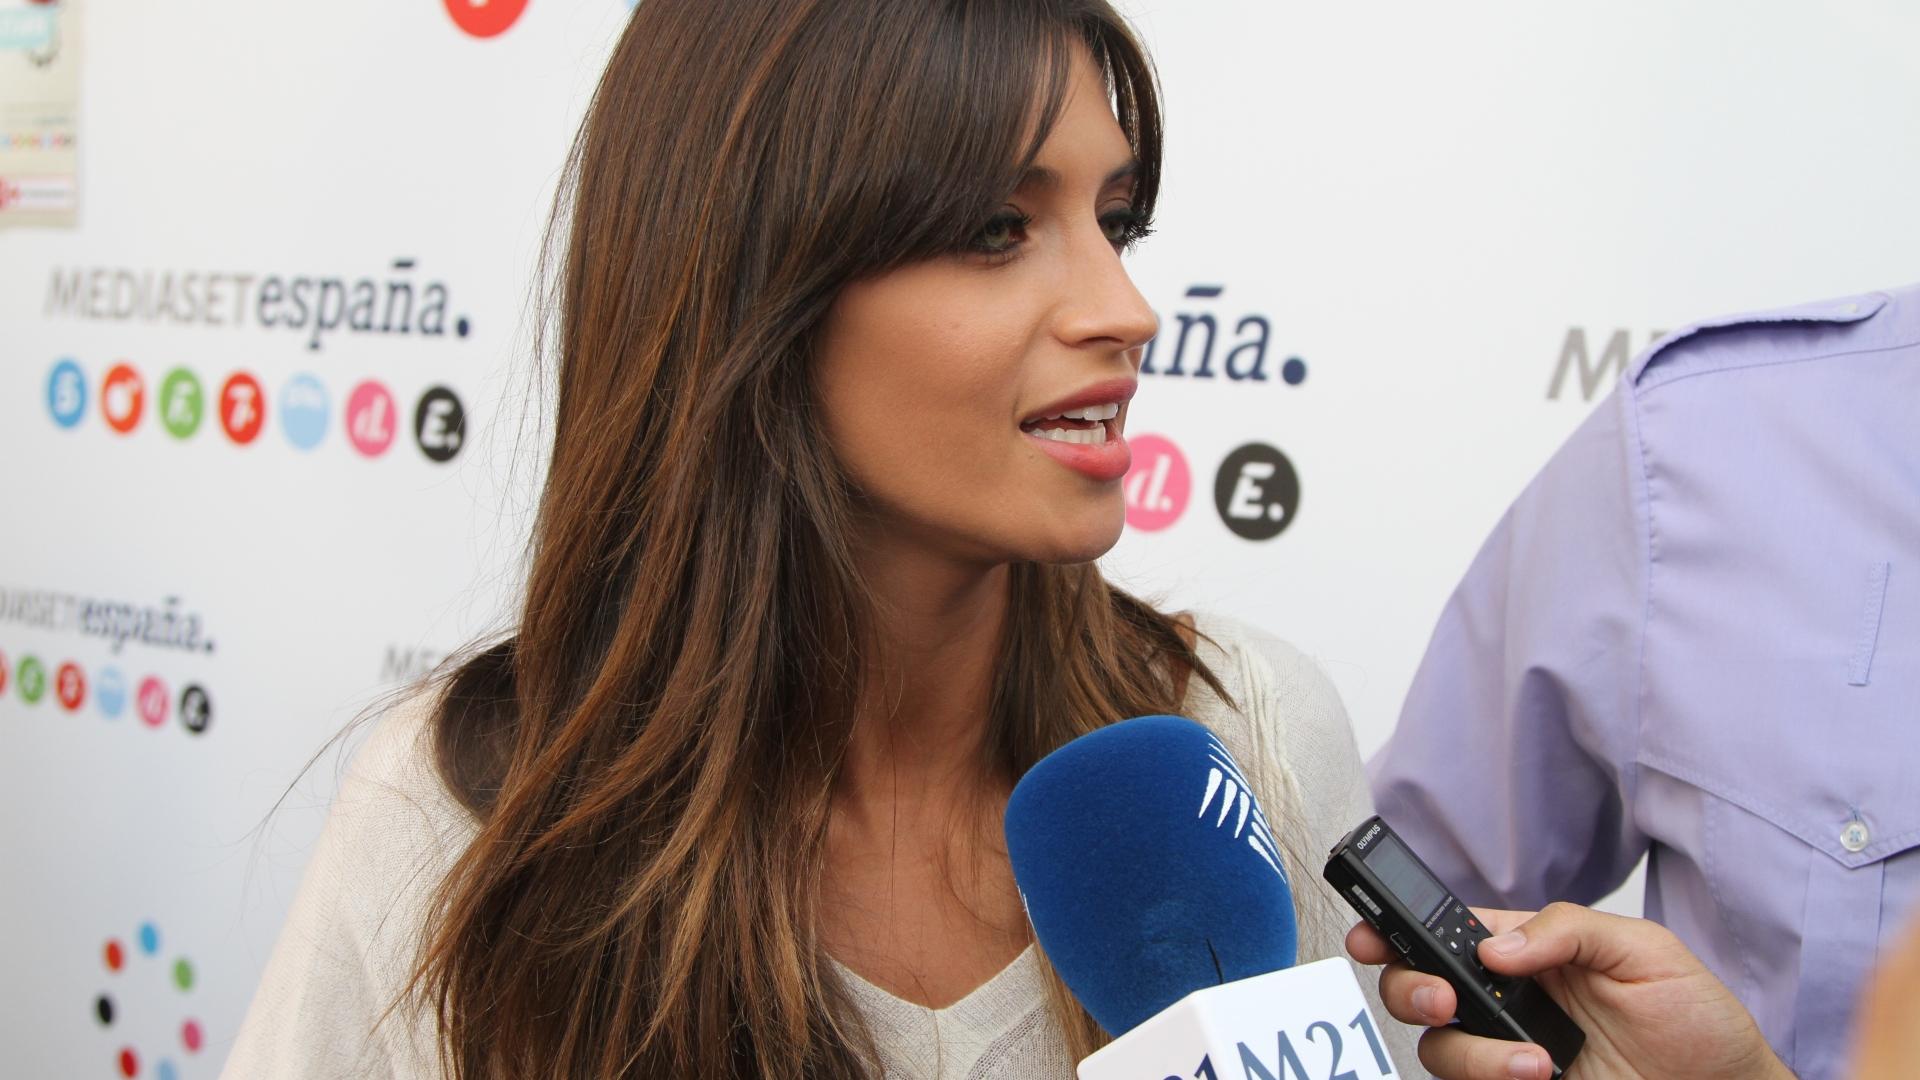 La entrevista a Sara Carbonero - 1920x1080